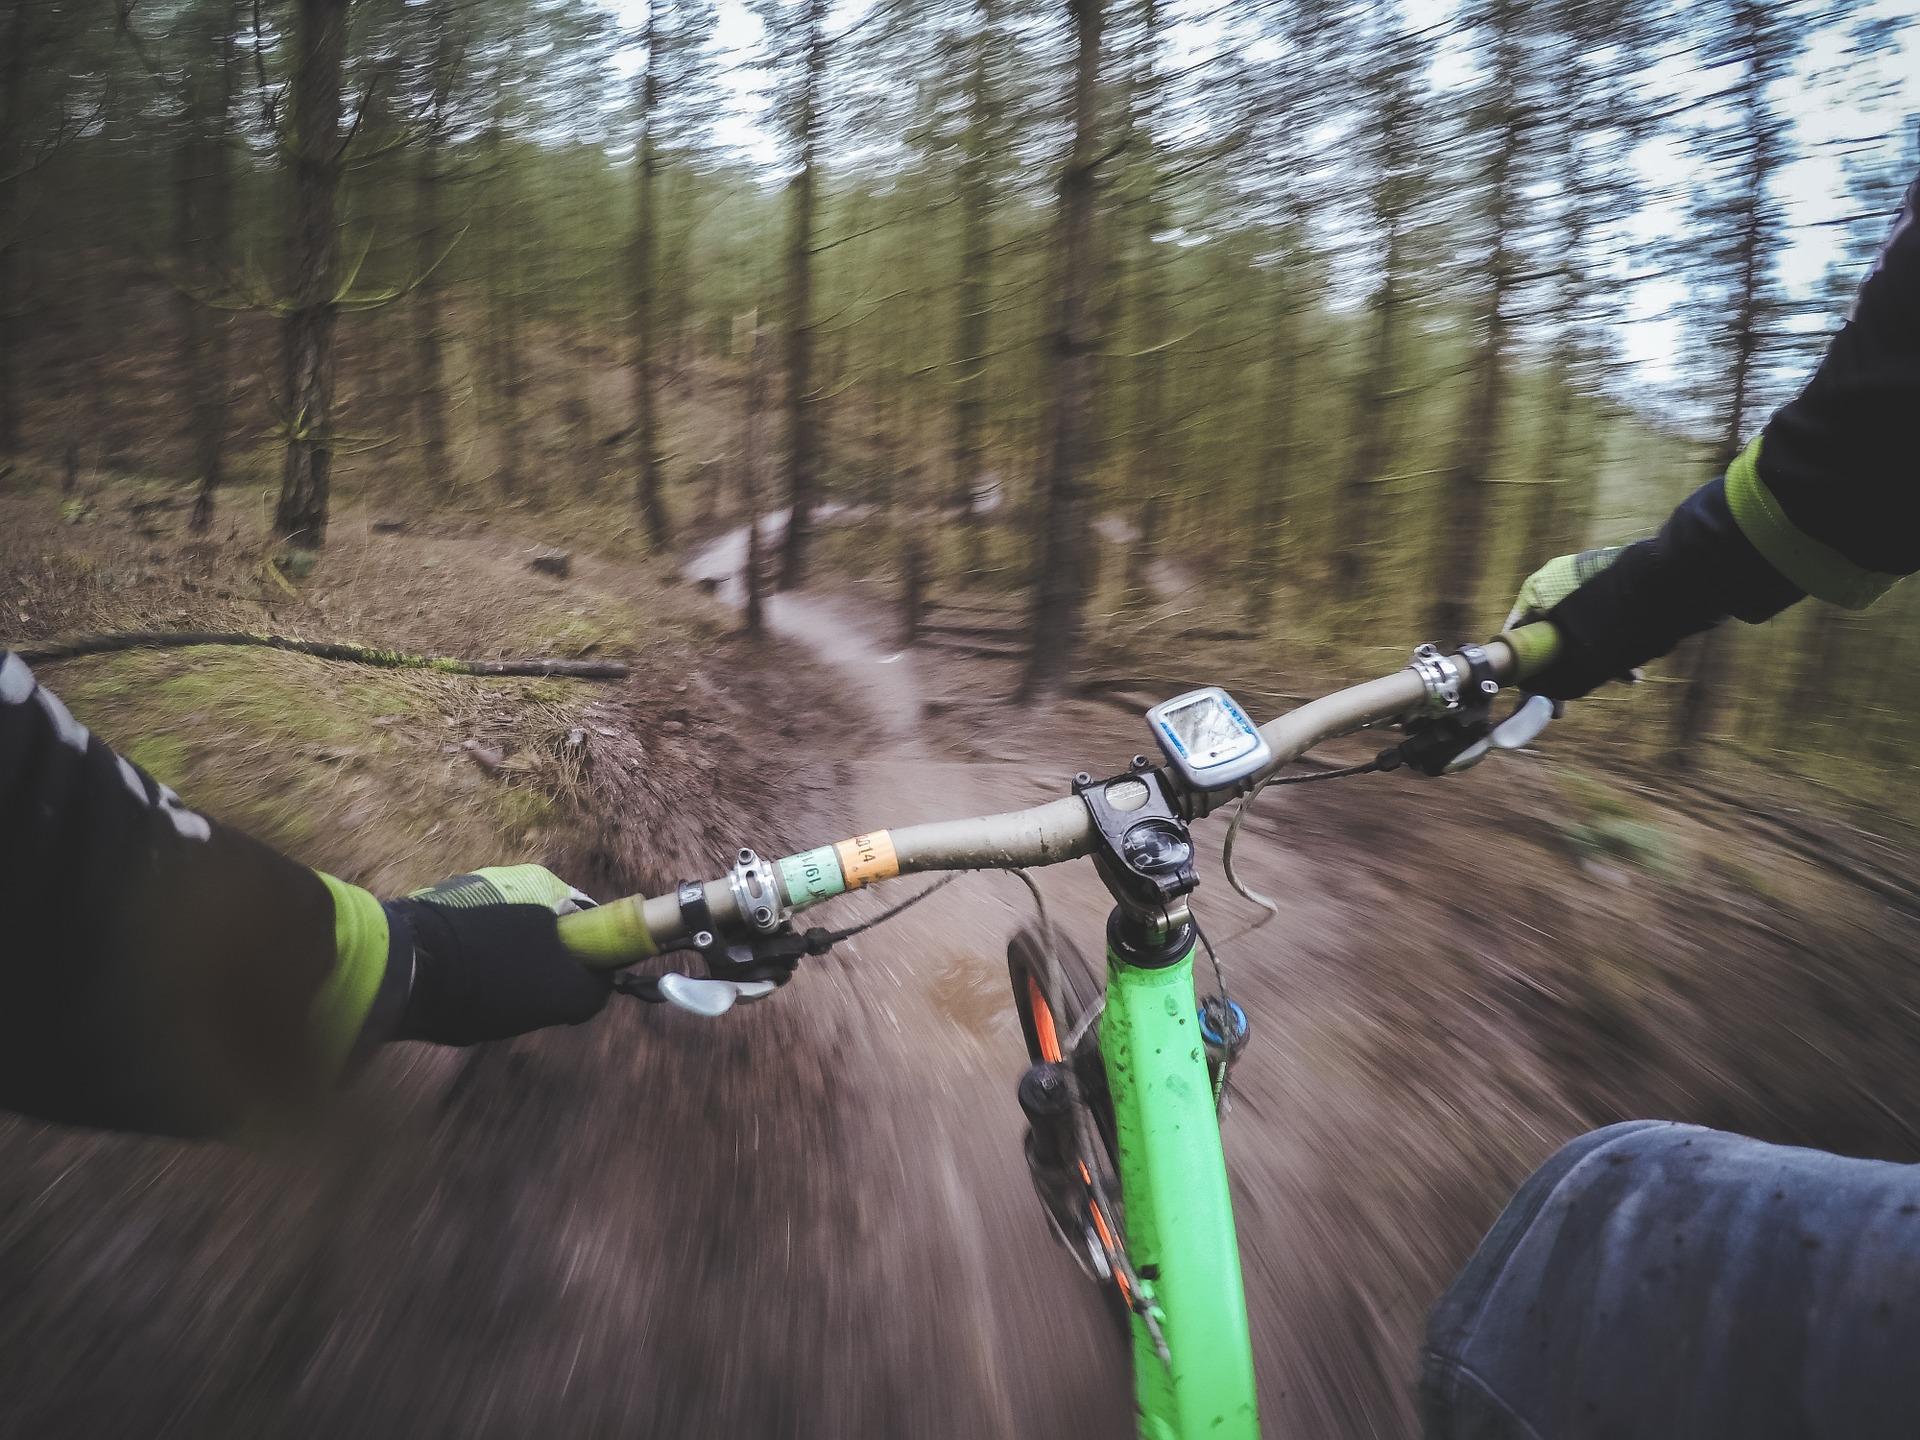 andar de bicicleta, bicicleta, Montanha, risco, final - Papéis de parede HD - Professor-falken.com